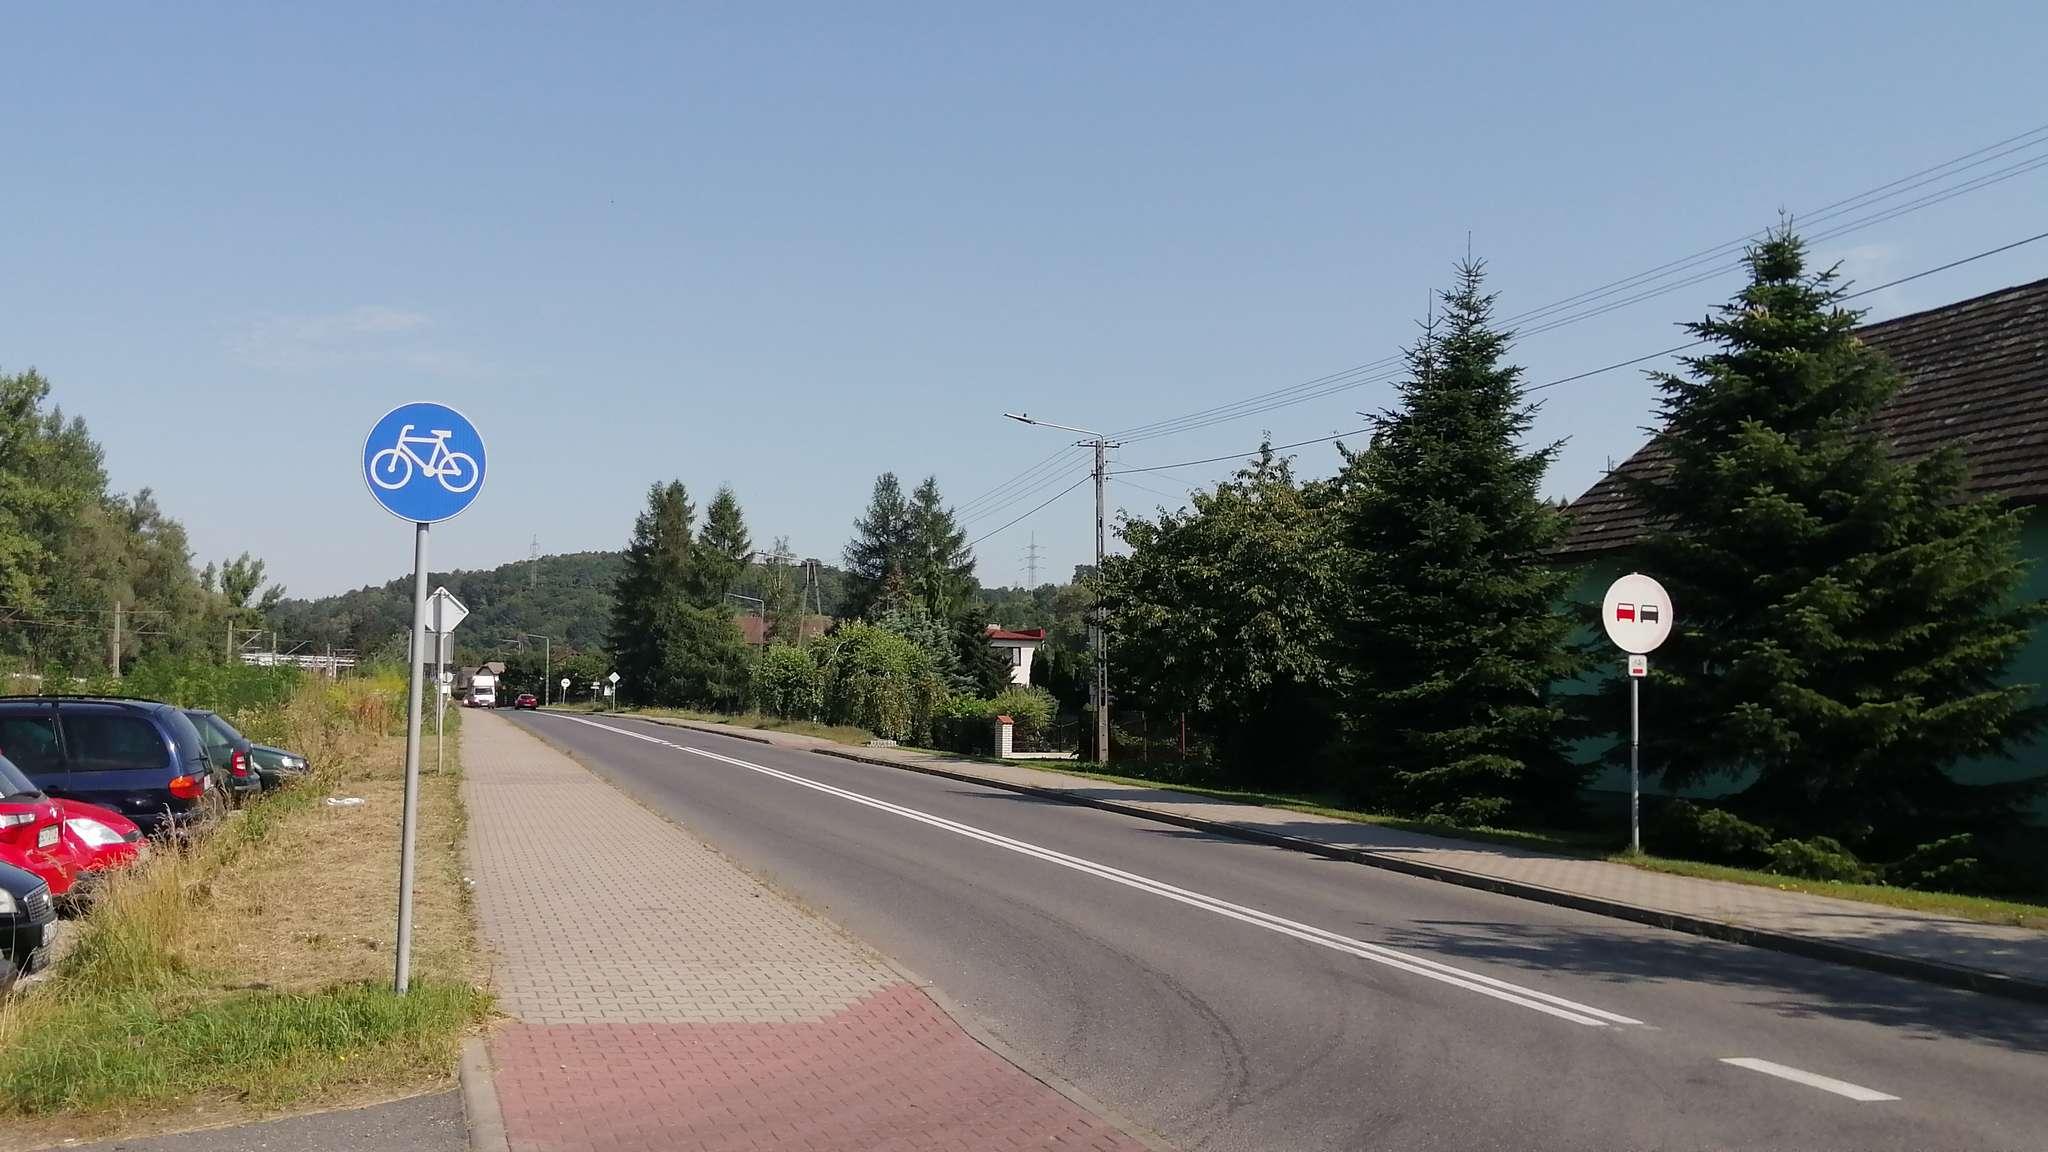 Droga tylko dla rowerów na ul. Frysztackiej